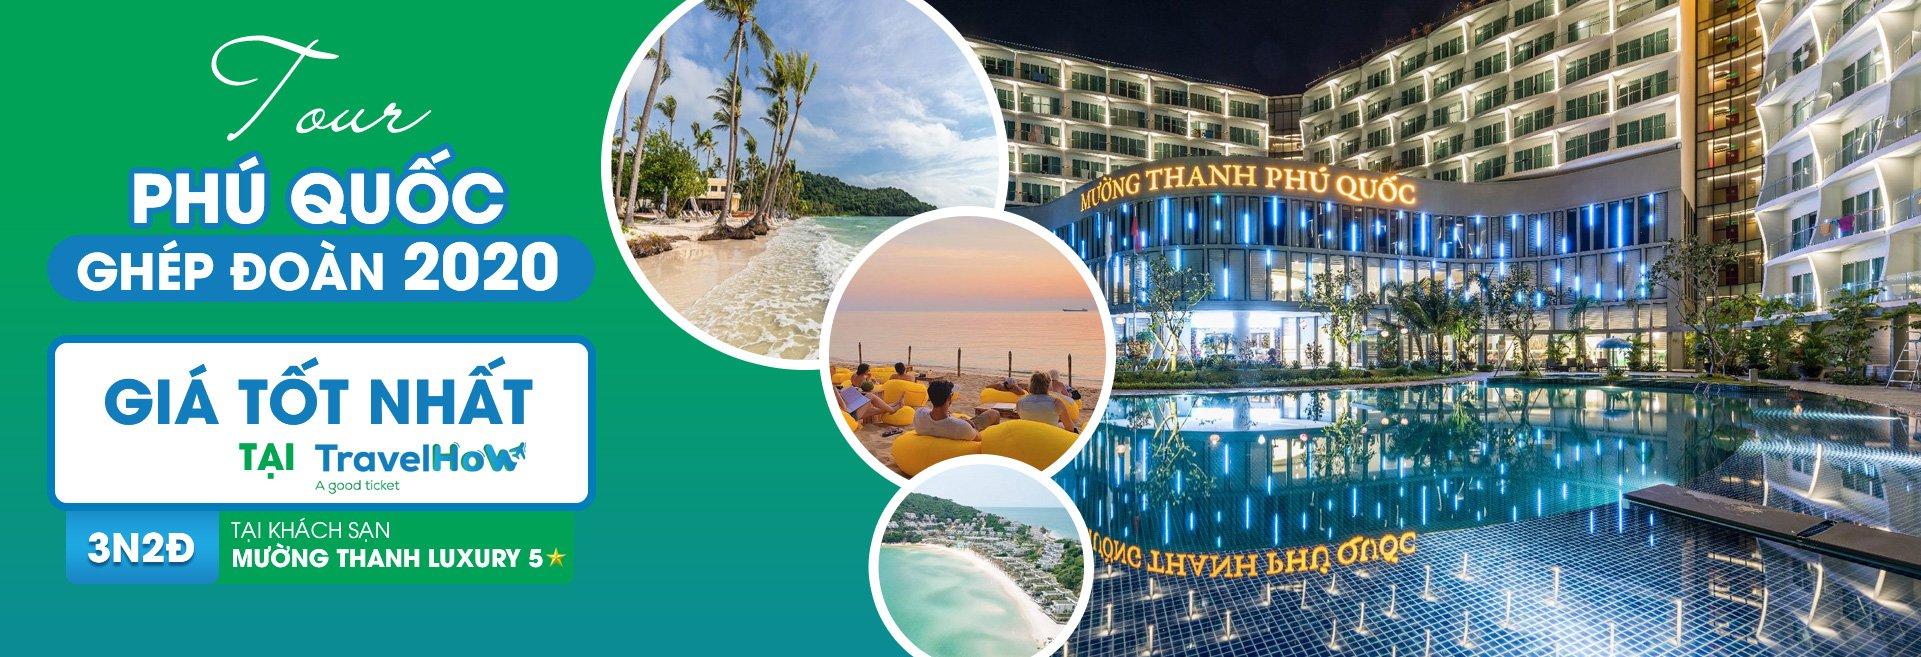 Tour Phú Quốc ghép đoàn 2020